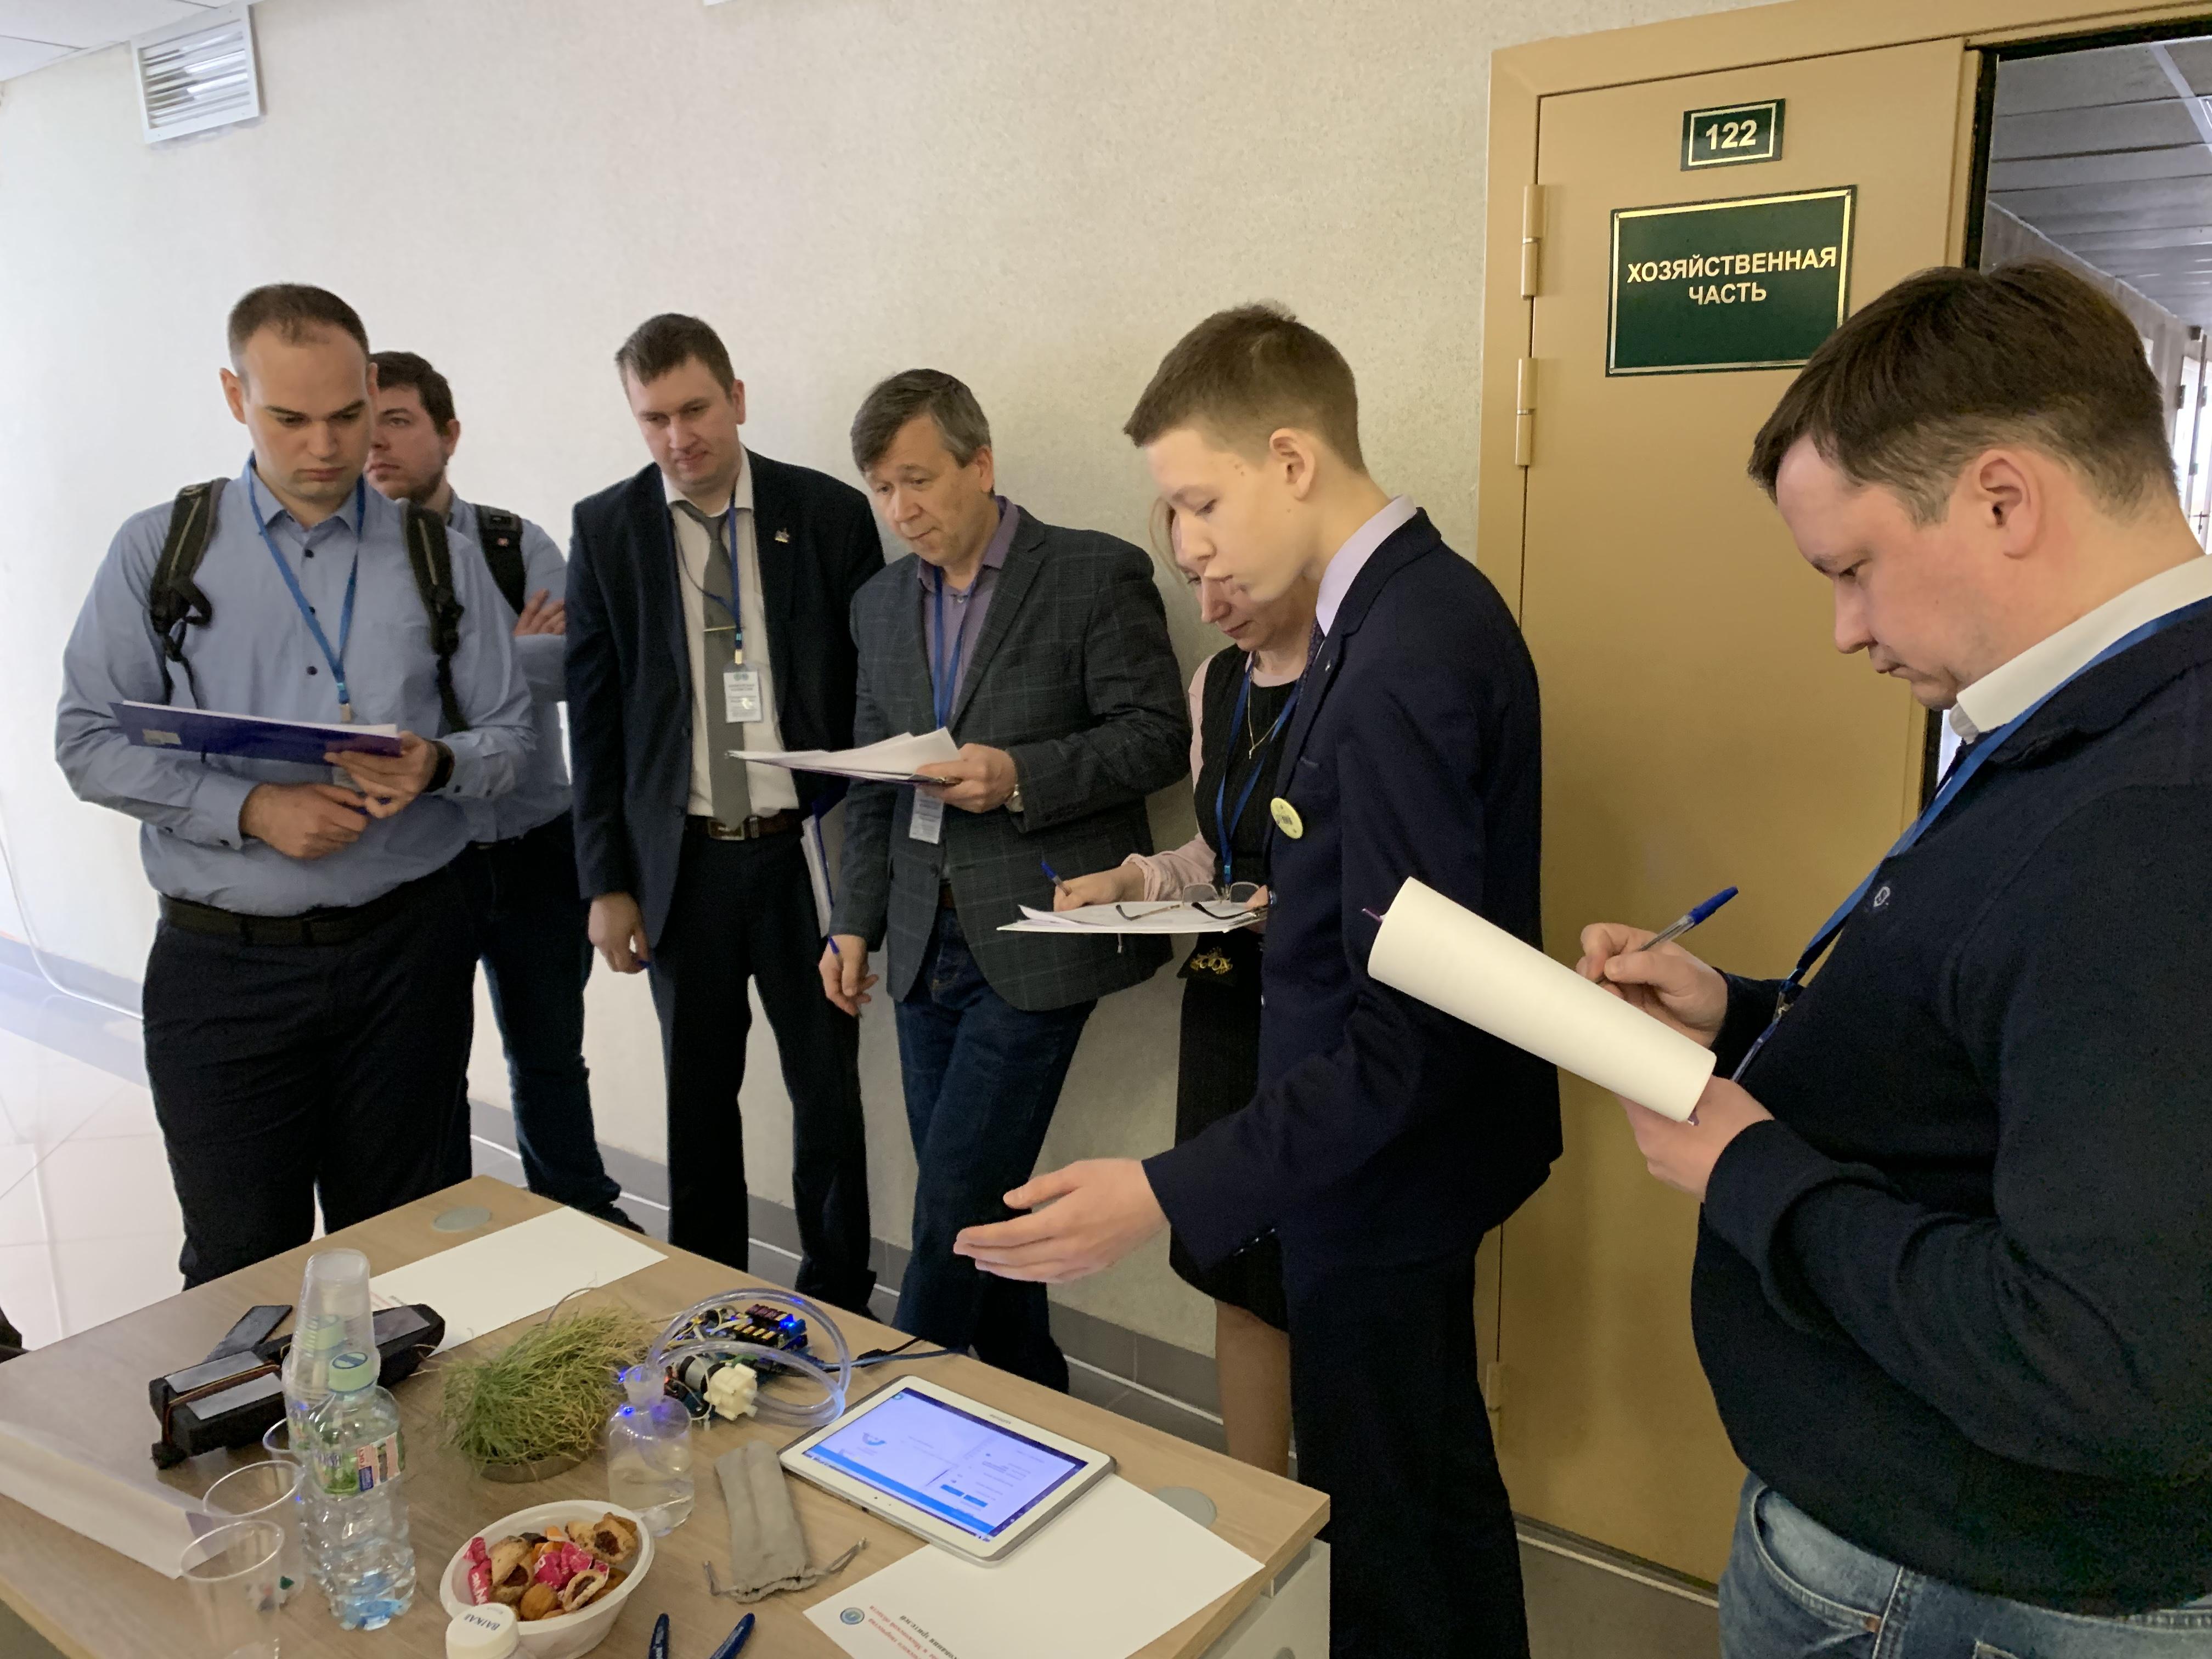 О работе поливной установки рассказывает Кирилл Шамко